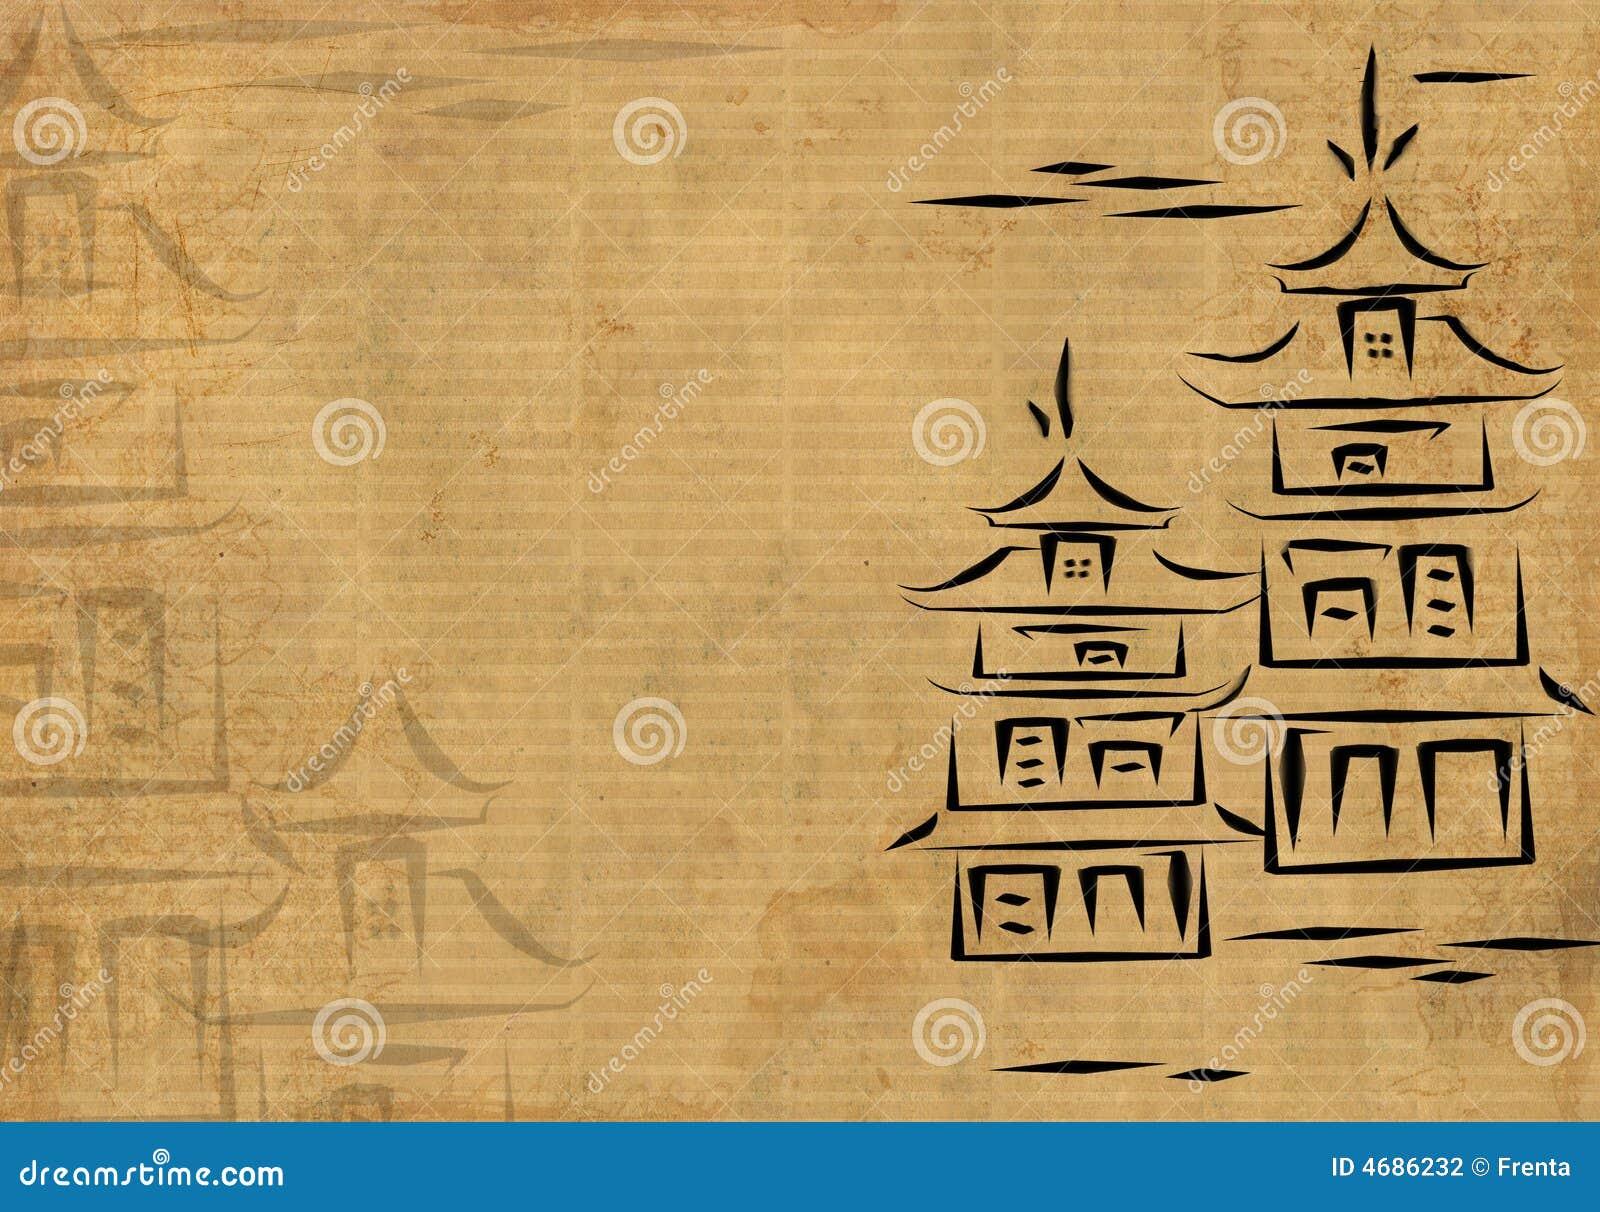 japanische h user gezeichnet durch tinte auf einem reispapier stock abbildung bild 4686232. Black Bedroom Furniture Sets. Home Design Ideas